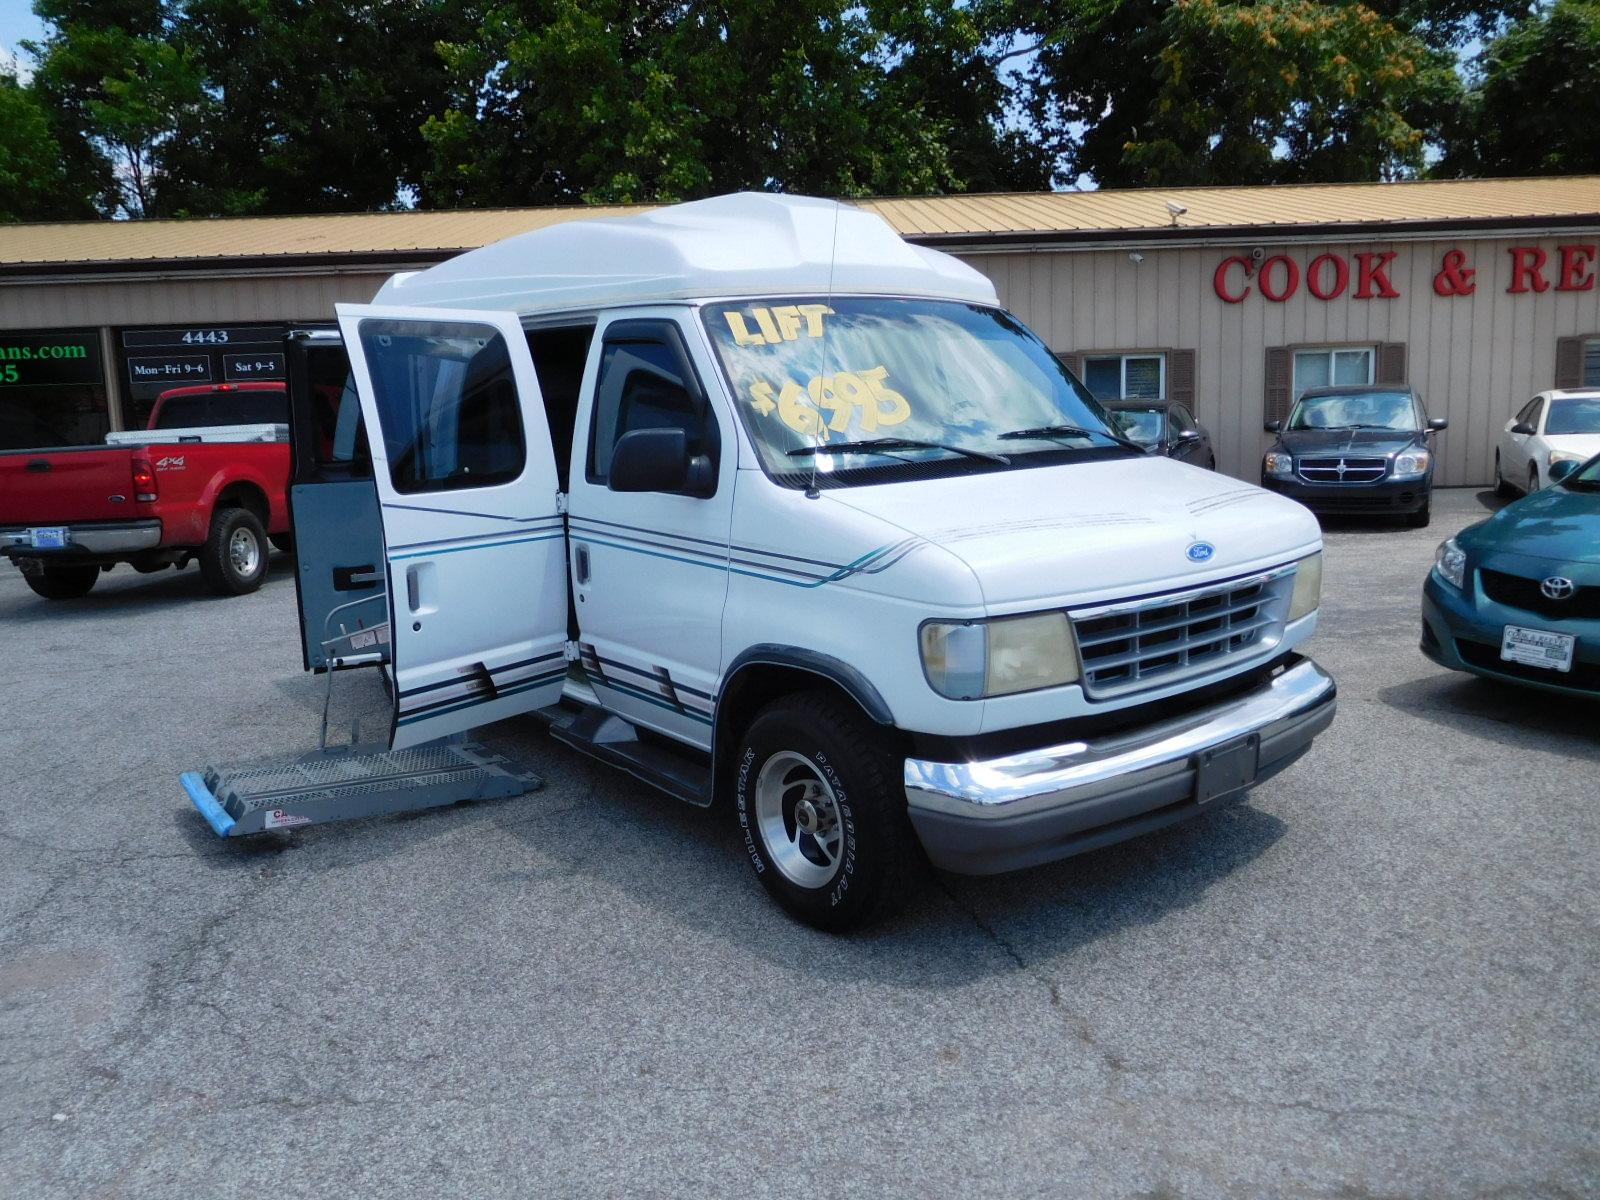 Inventory | Cook & Reeves Van Sales & Rentals